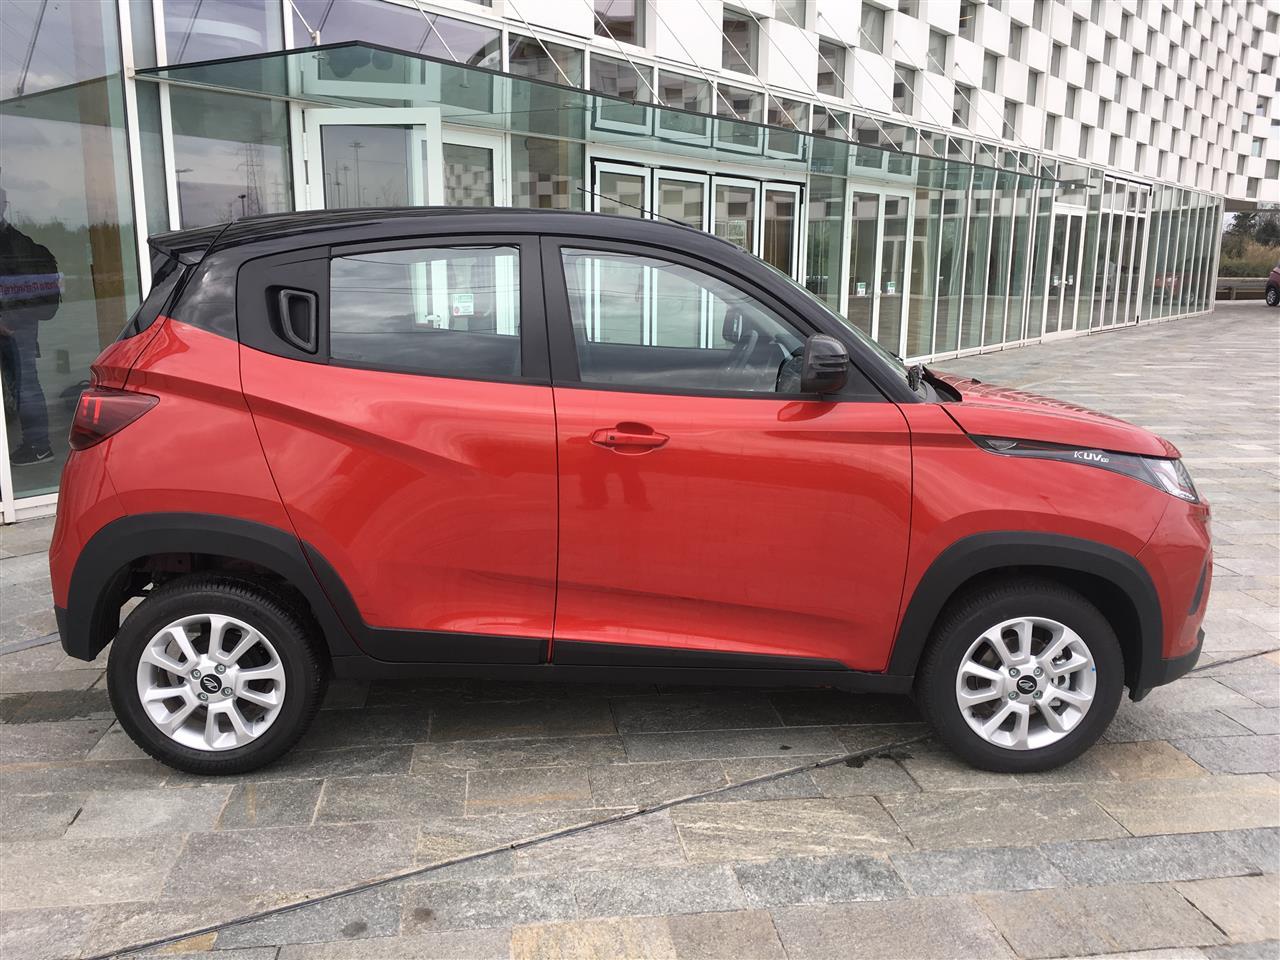 Mahindra KUV100 test drive Lainate